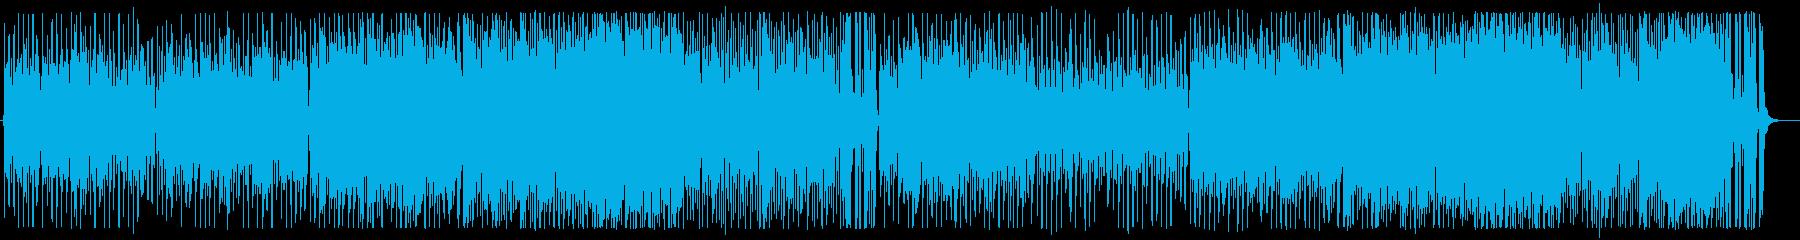 明るいジャズ風ポップスシンセサイザーの再生済みの波形